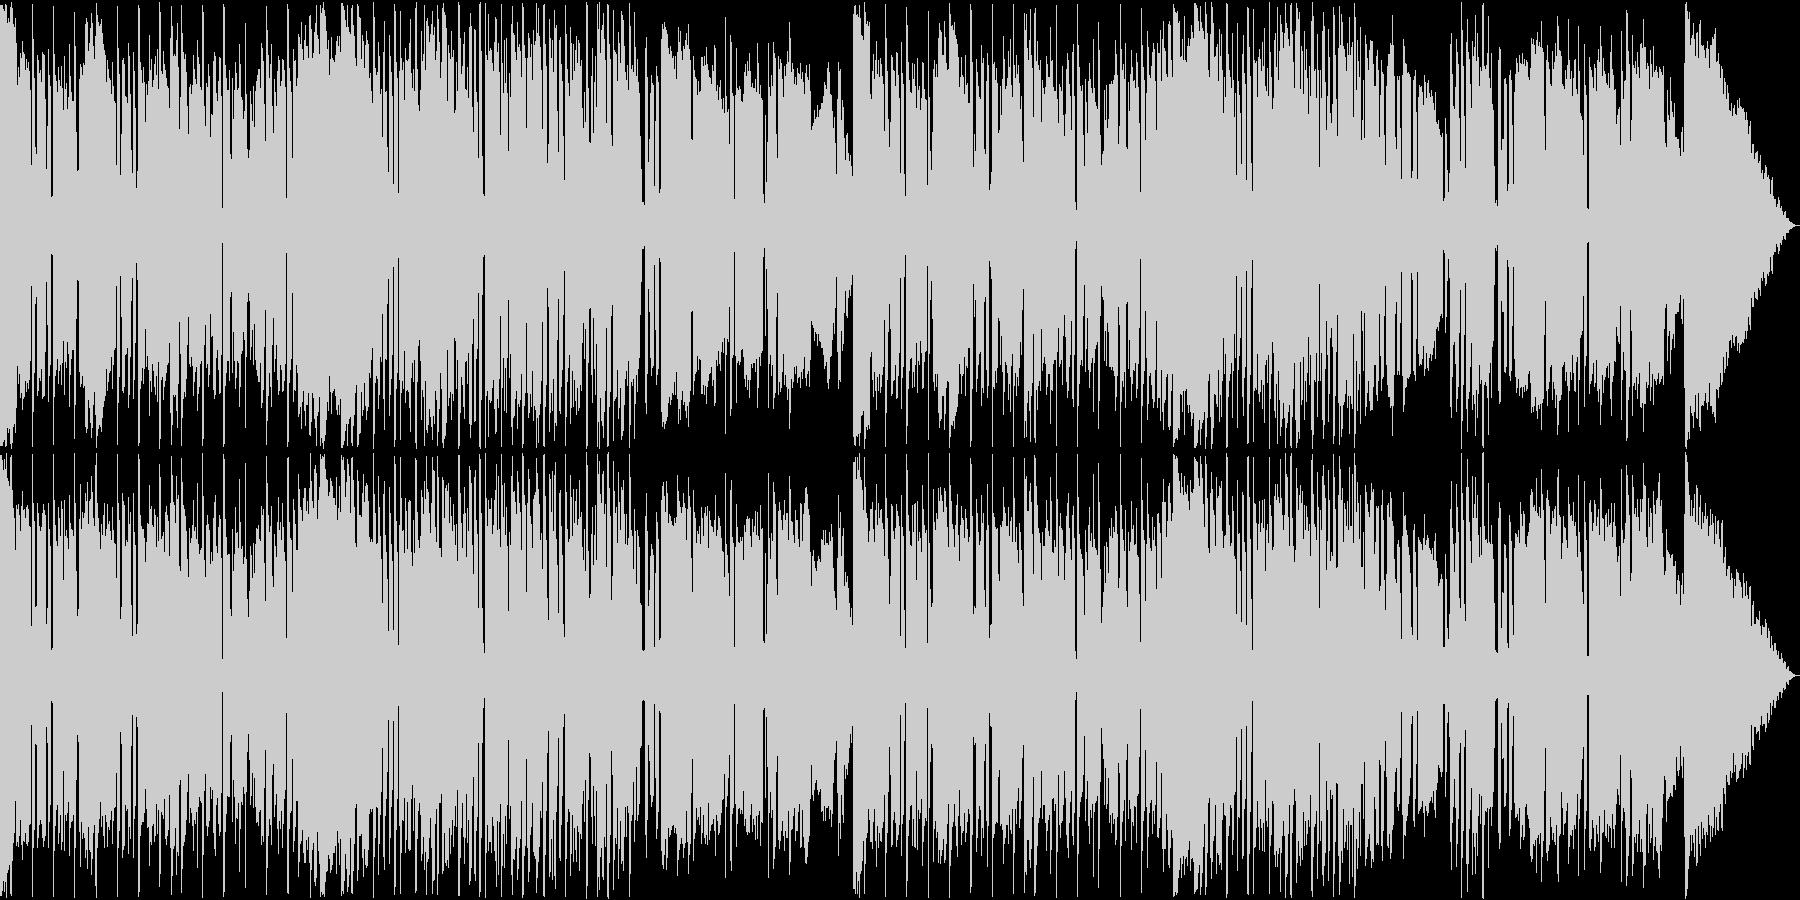 風変わりなベースが特徴的なレゲエ風音楽の未再生の波形